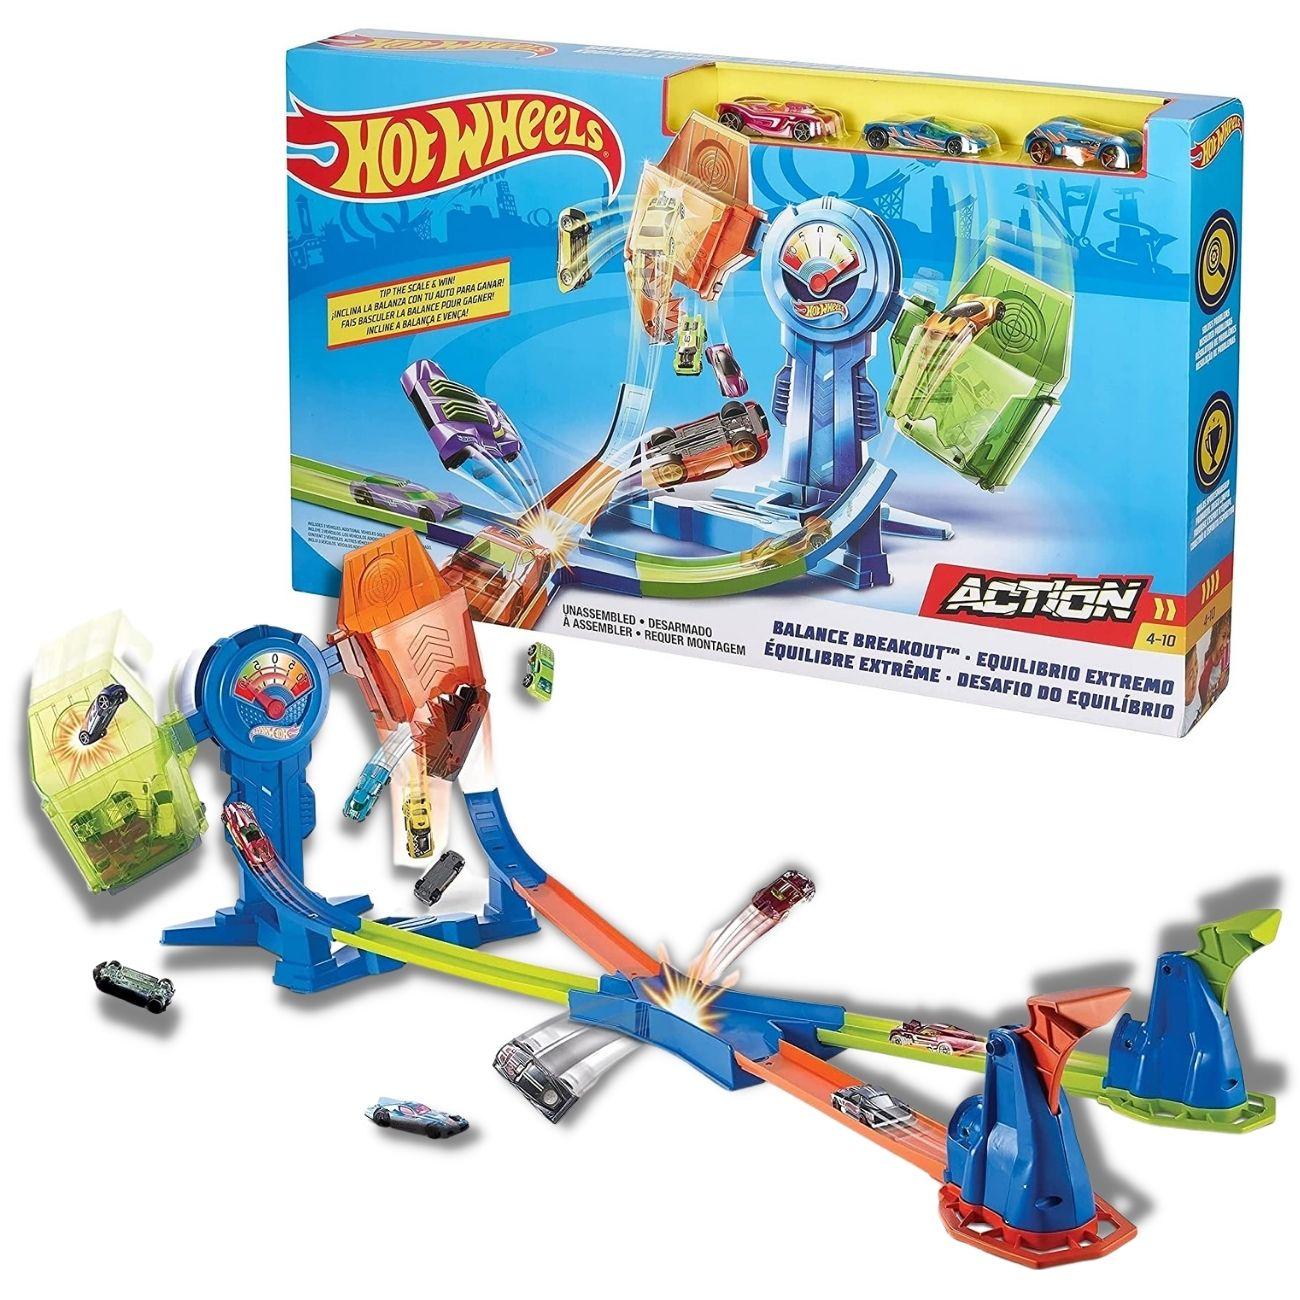 Pista Hot Wheels - Desafio do Equilíbrio - Mattel Brinquedos